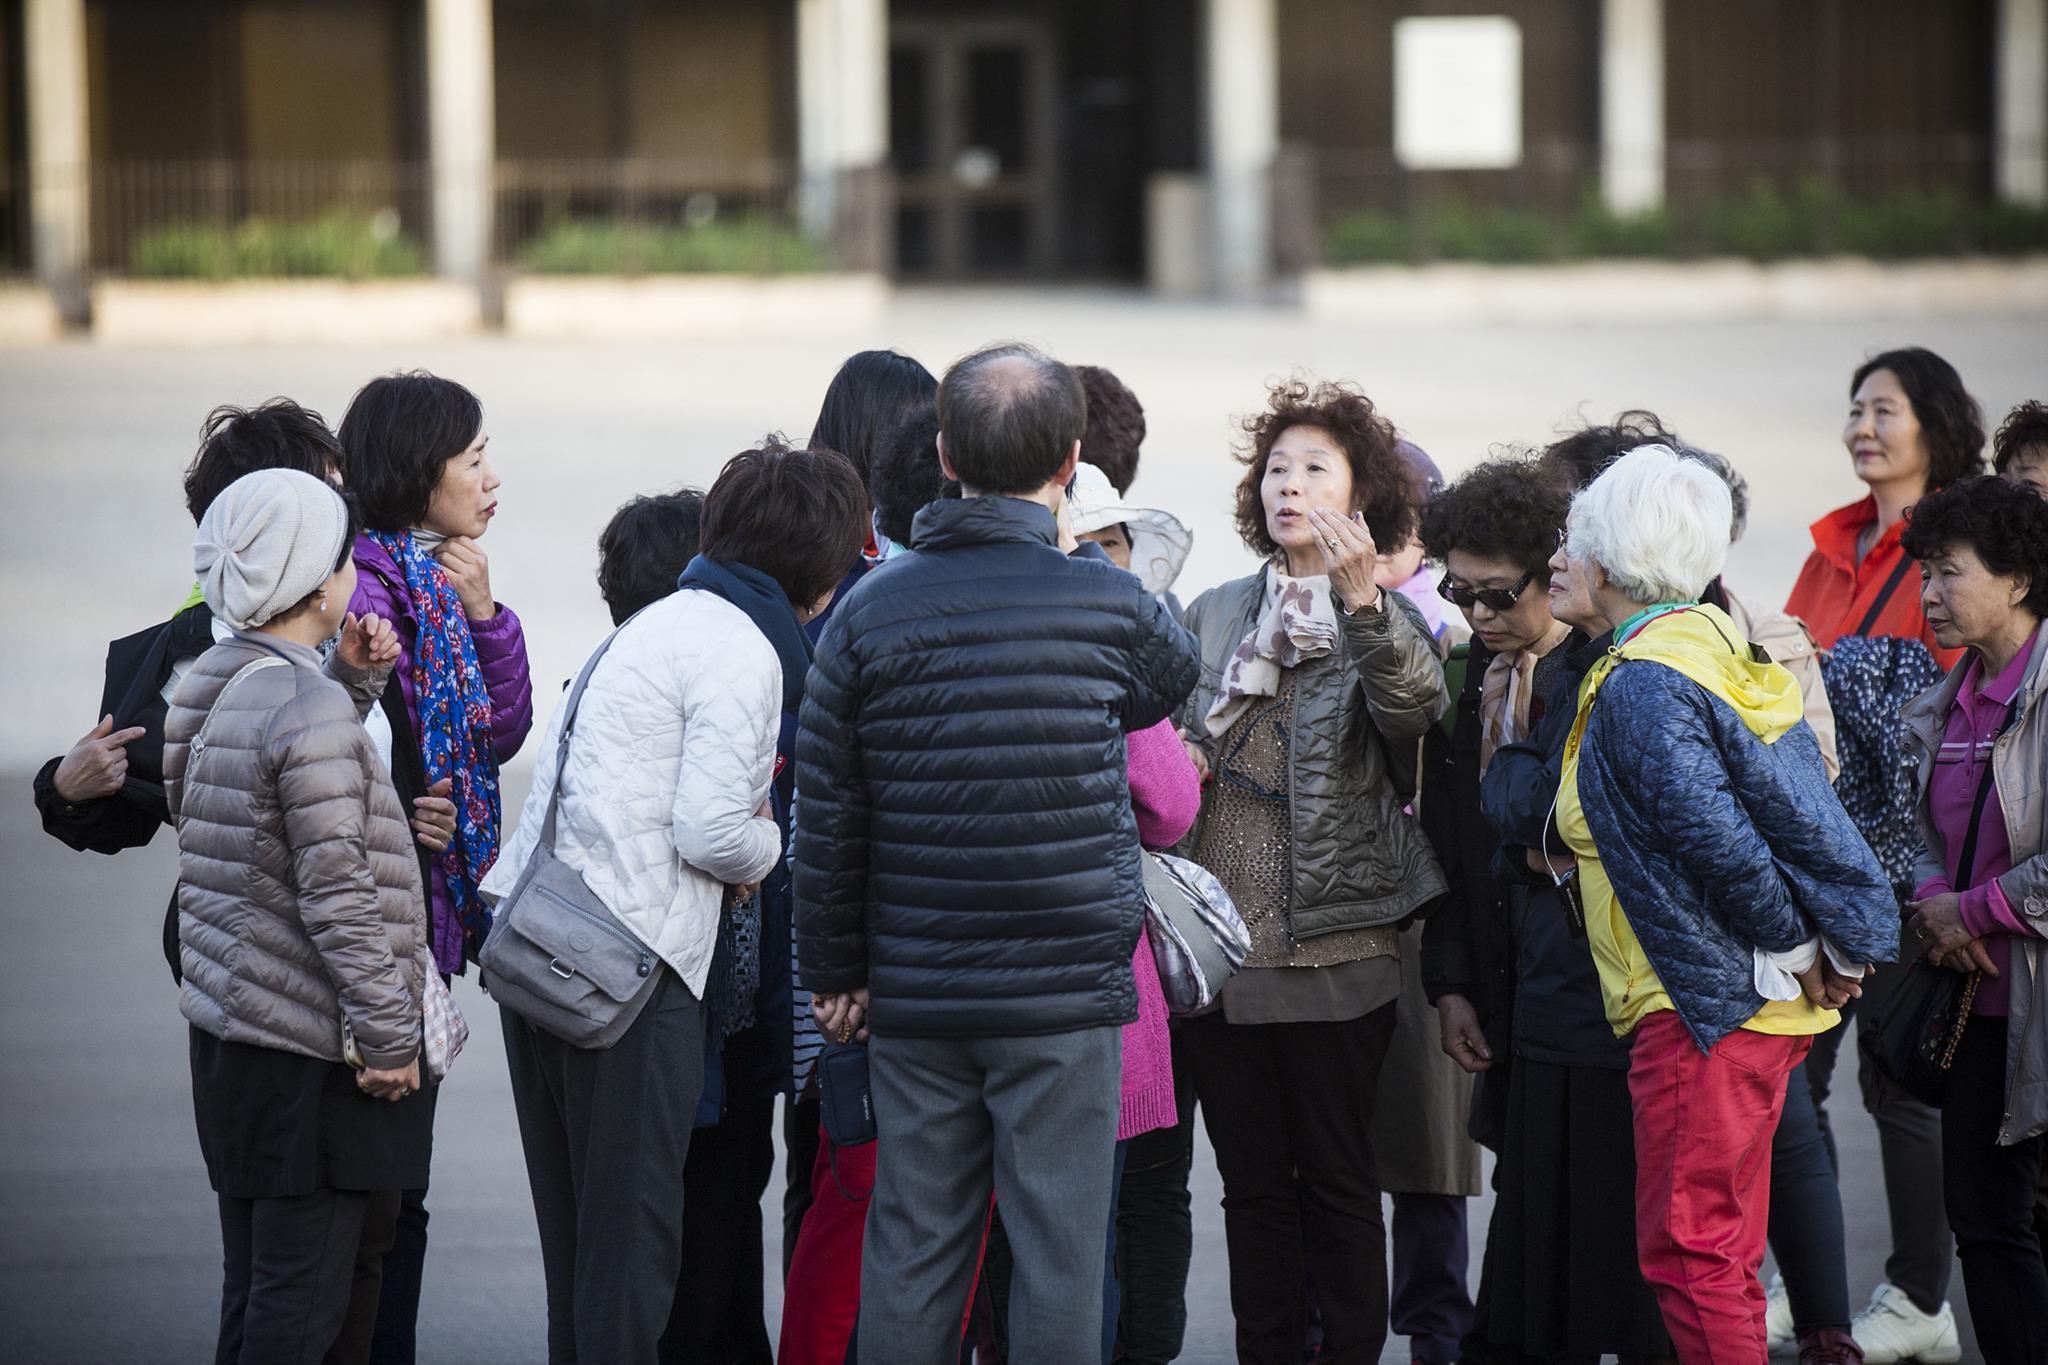 PÚBLICO - Já há mais sul-coreanos a pernoitar em Fátima do que brasileiros